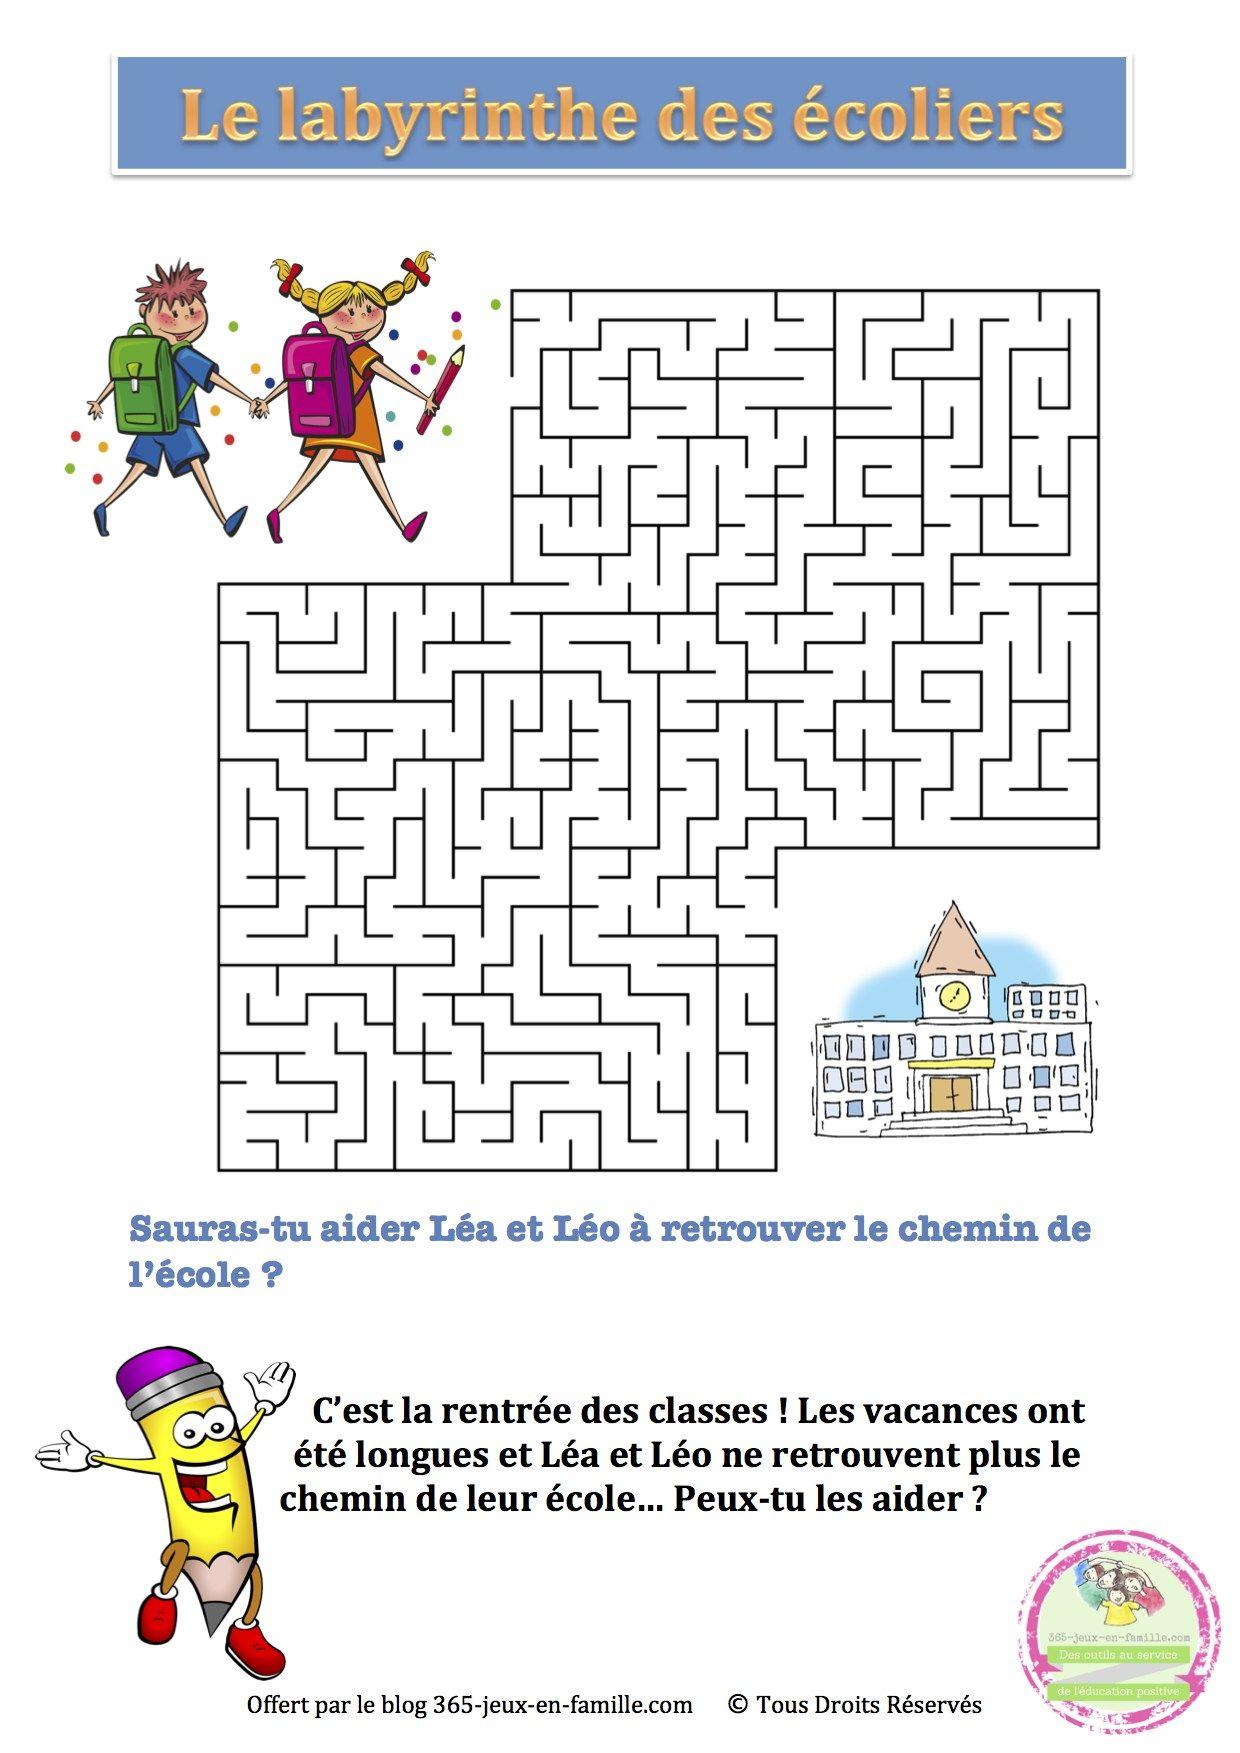 5 Jeux Gratuits À Imprimer Autour De L'école ~ Jeux À destiné Mots Croisés Gratuits À Imprimer Cycle 3